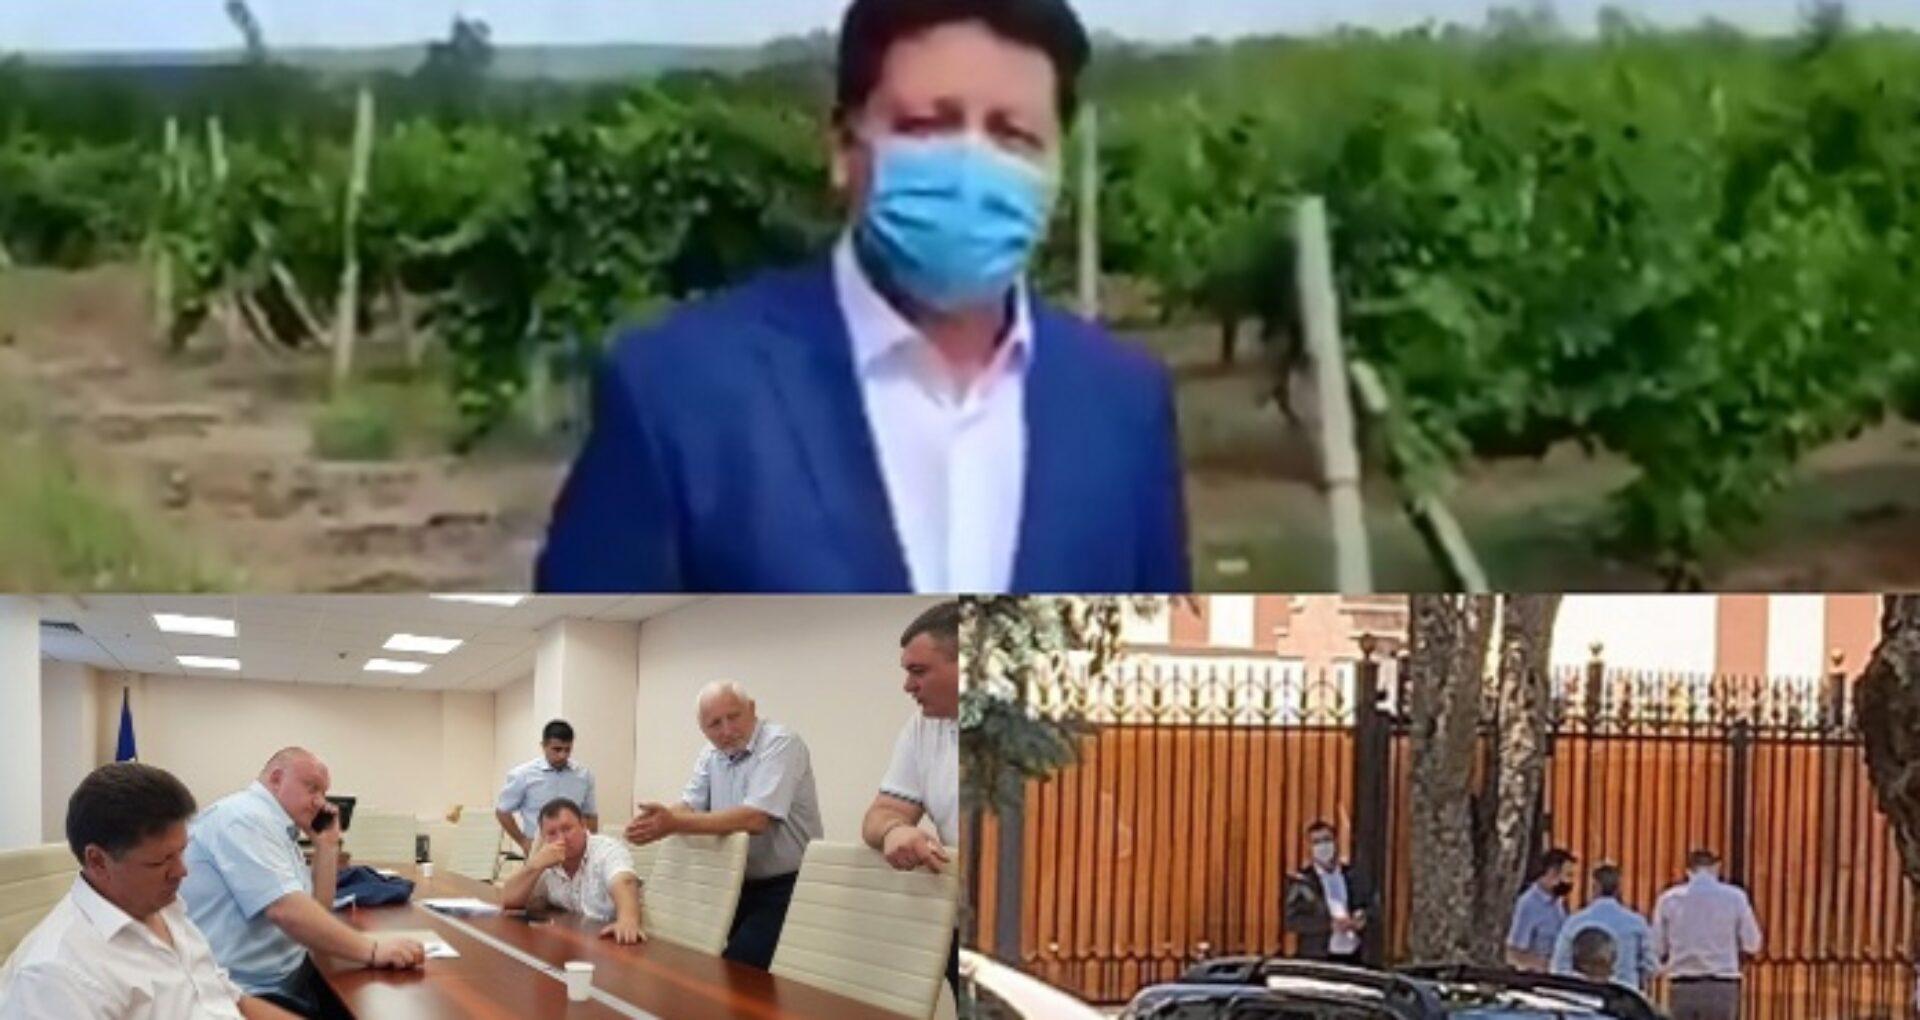 """Cronologia evenimentelor – Ștefan Gațcan, un doctor deputat, care a """"dispărut"""", iar ulterior pe pagina sa de Facebook apare un video în care el spune că e """"bine"""", dar nu va discuta cu prietenii"""